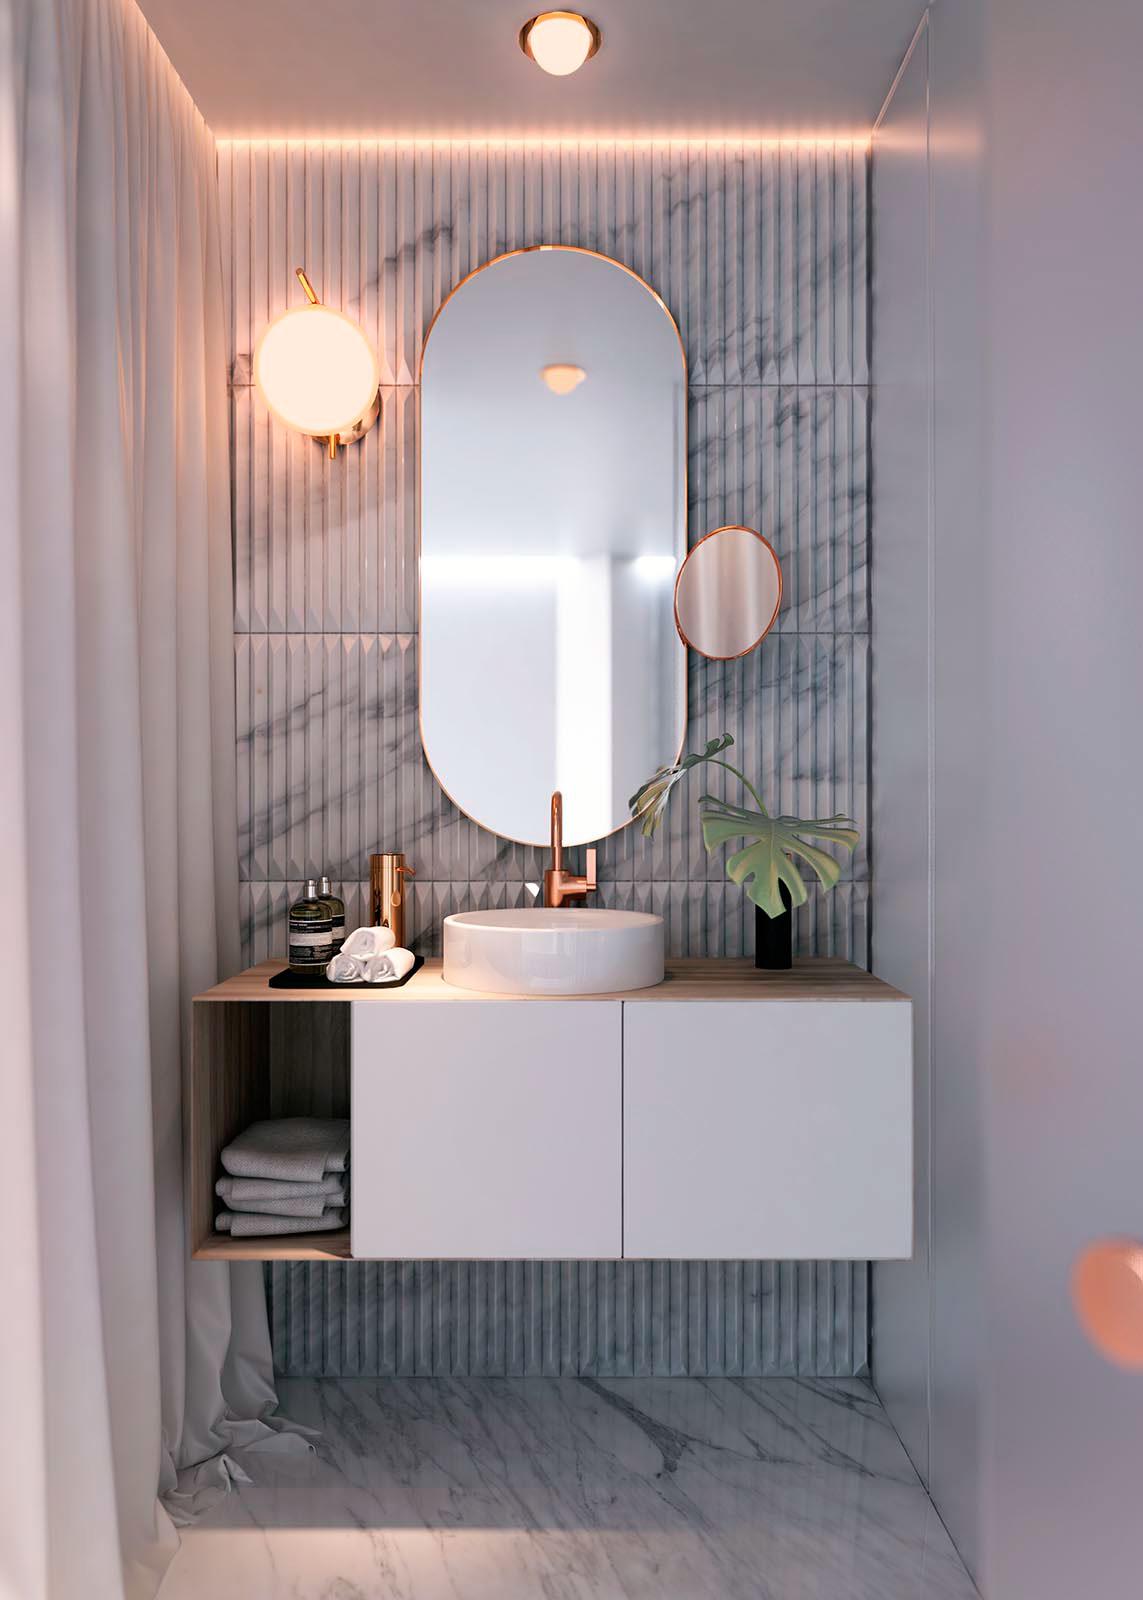 spiegel-marmer